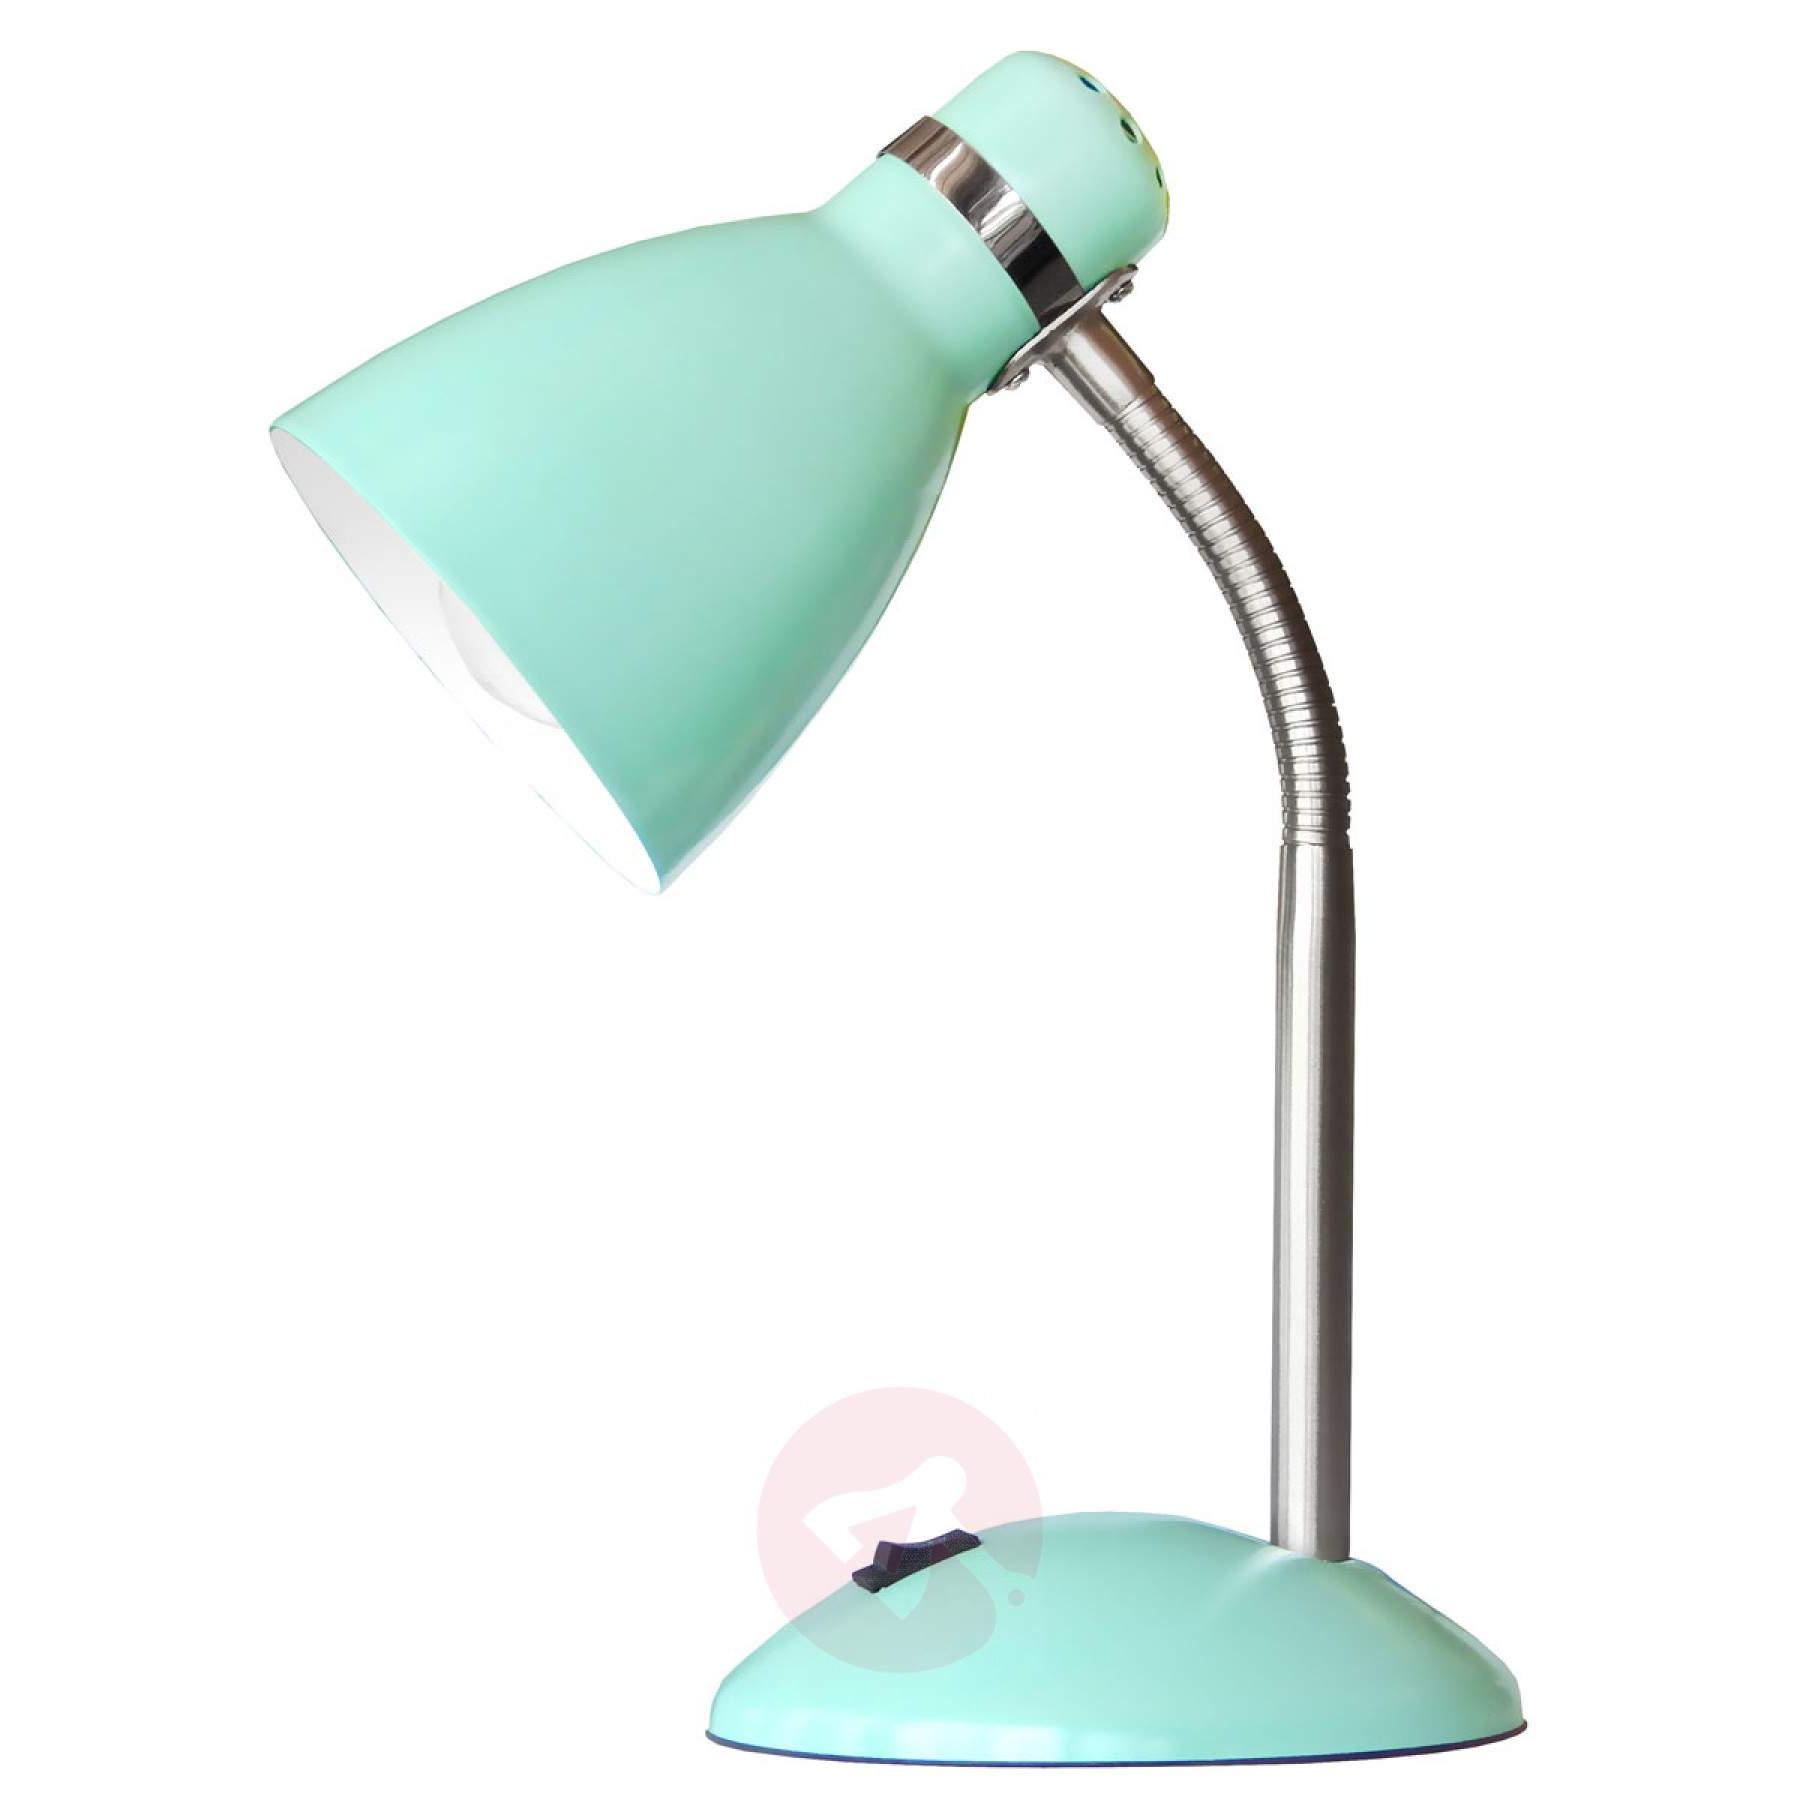 Desk Lamp H9d9 In Turquoise Trendy Desk Lamp Studio Lights